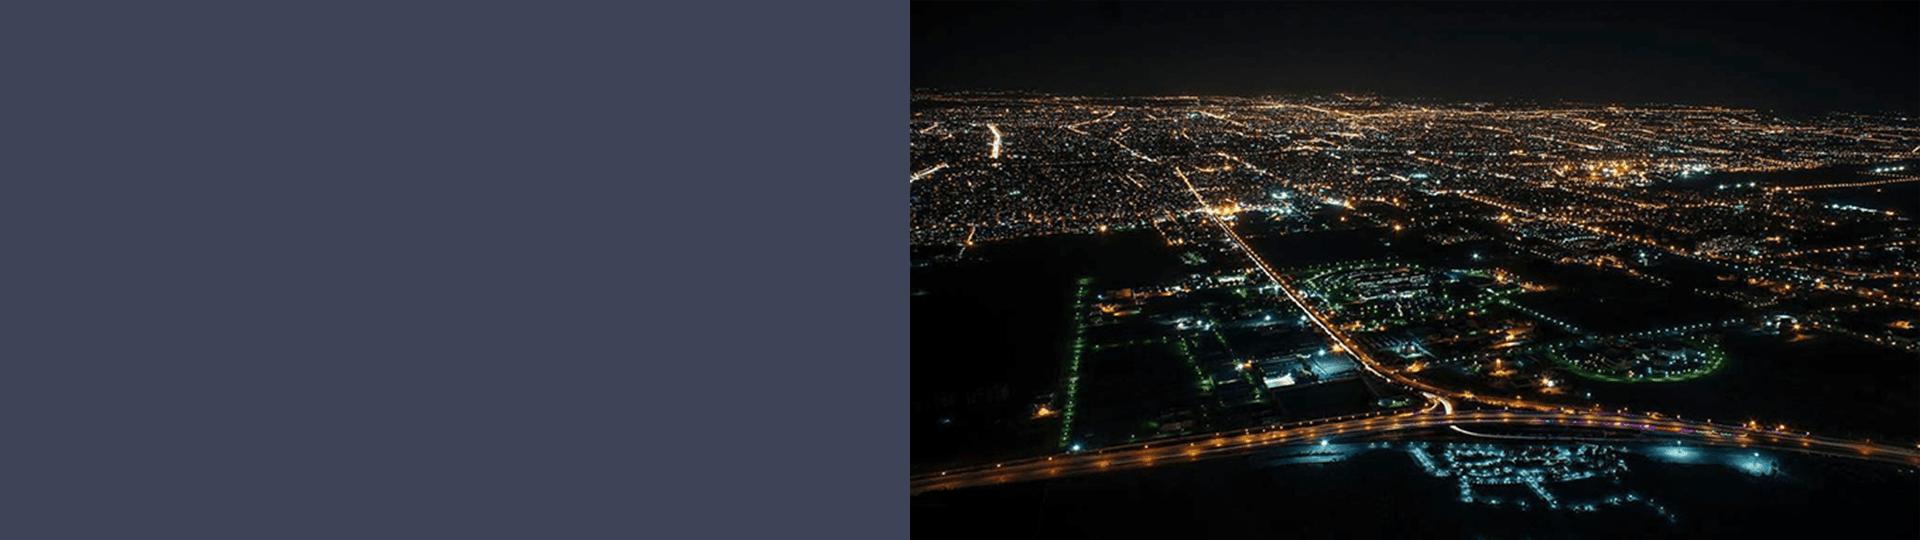 حمل اثاثیه منزل در اصفهان - درونشهری